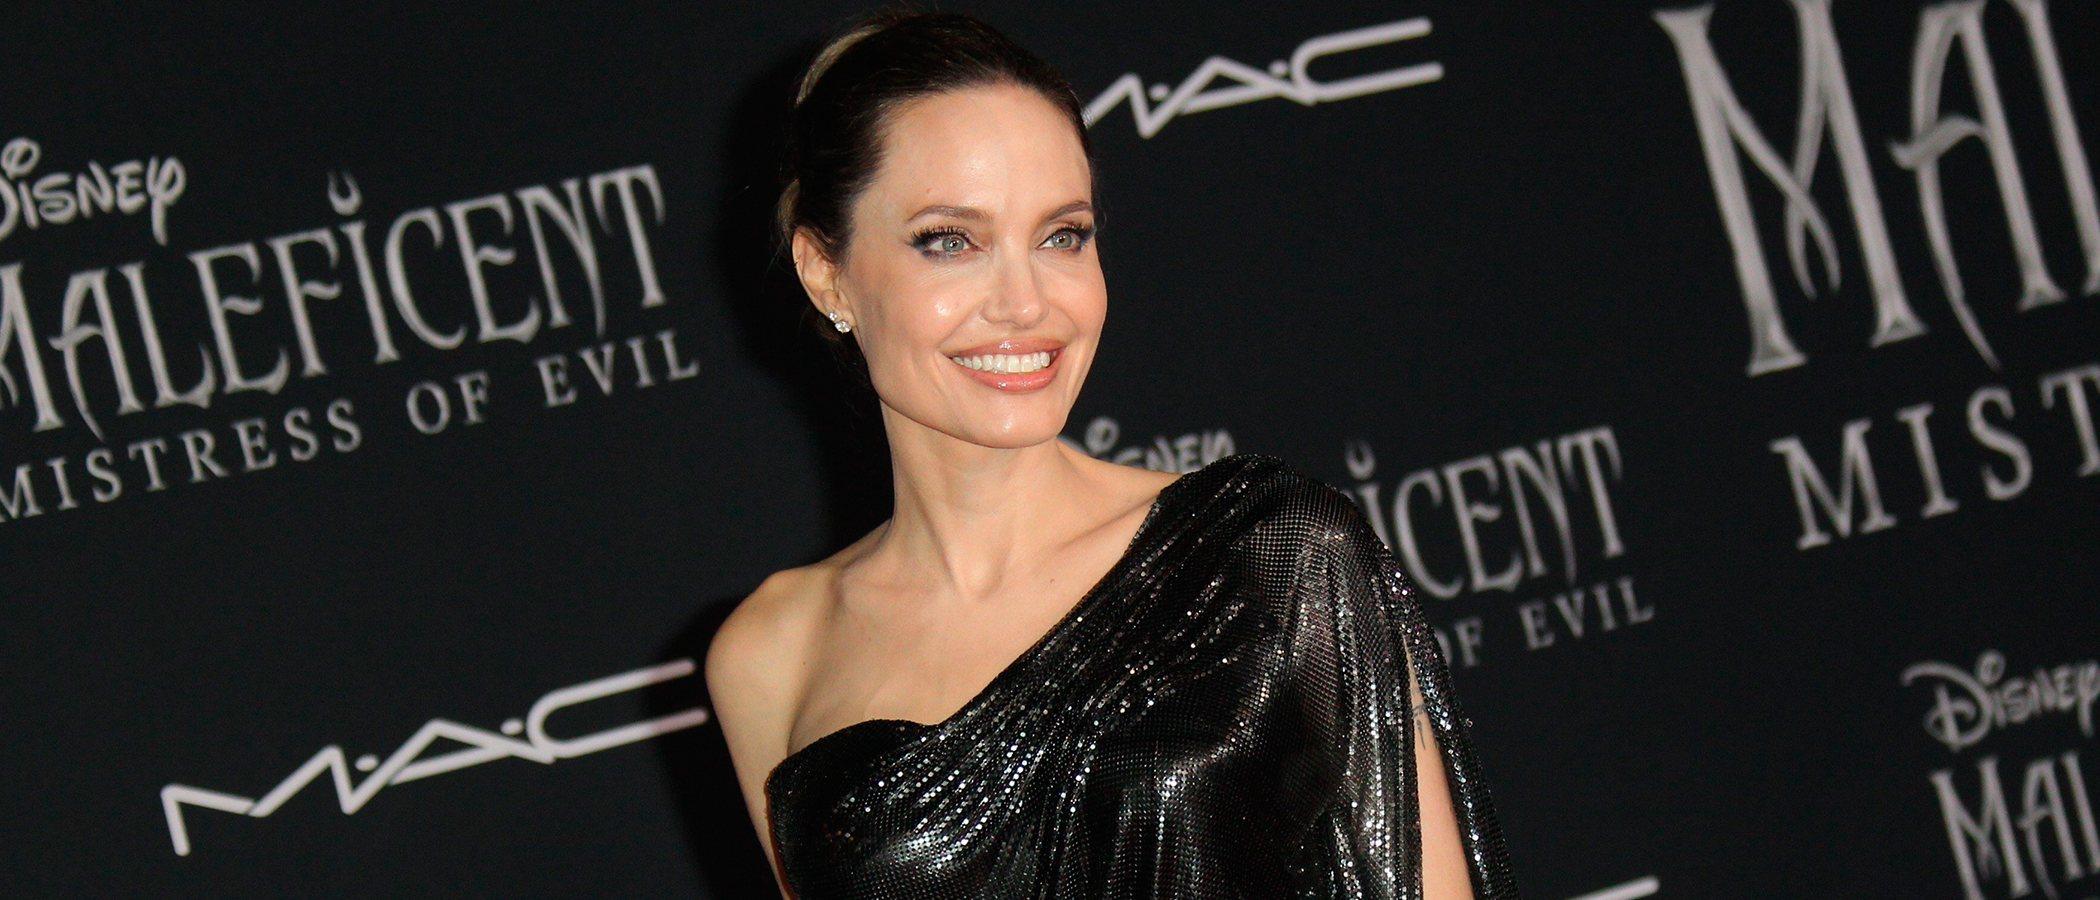 La evolución de estilo de Angelina Jolie: una mujer polifacética